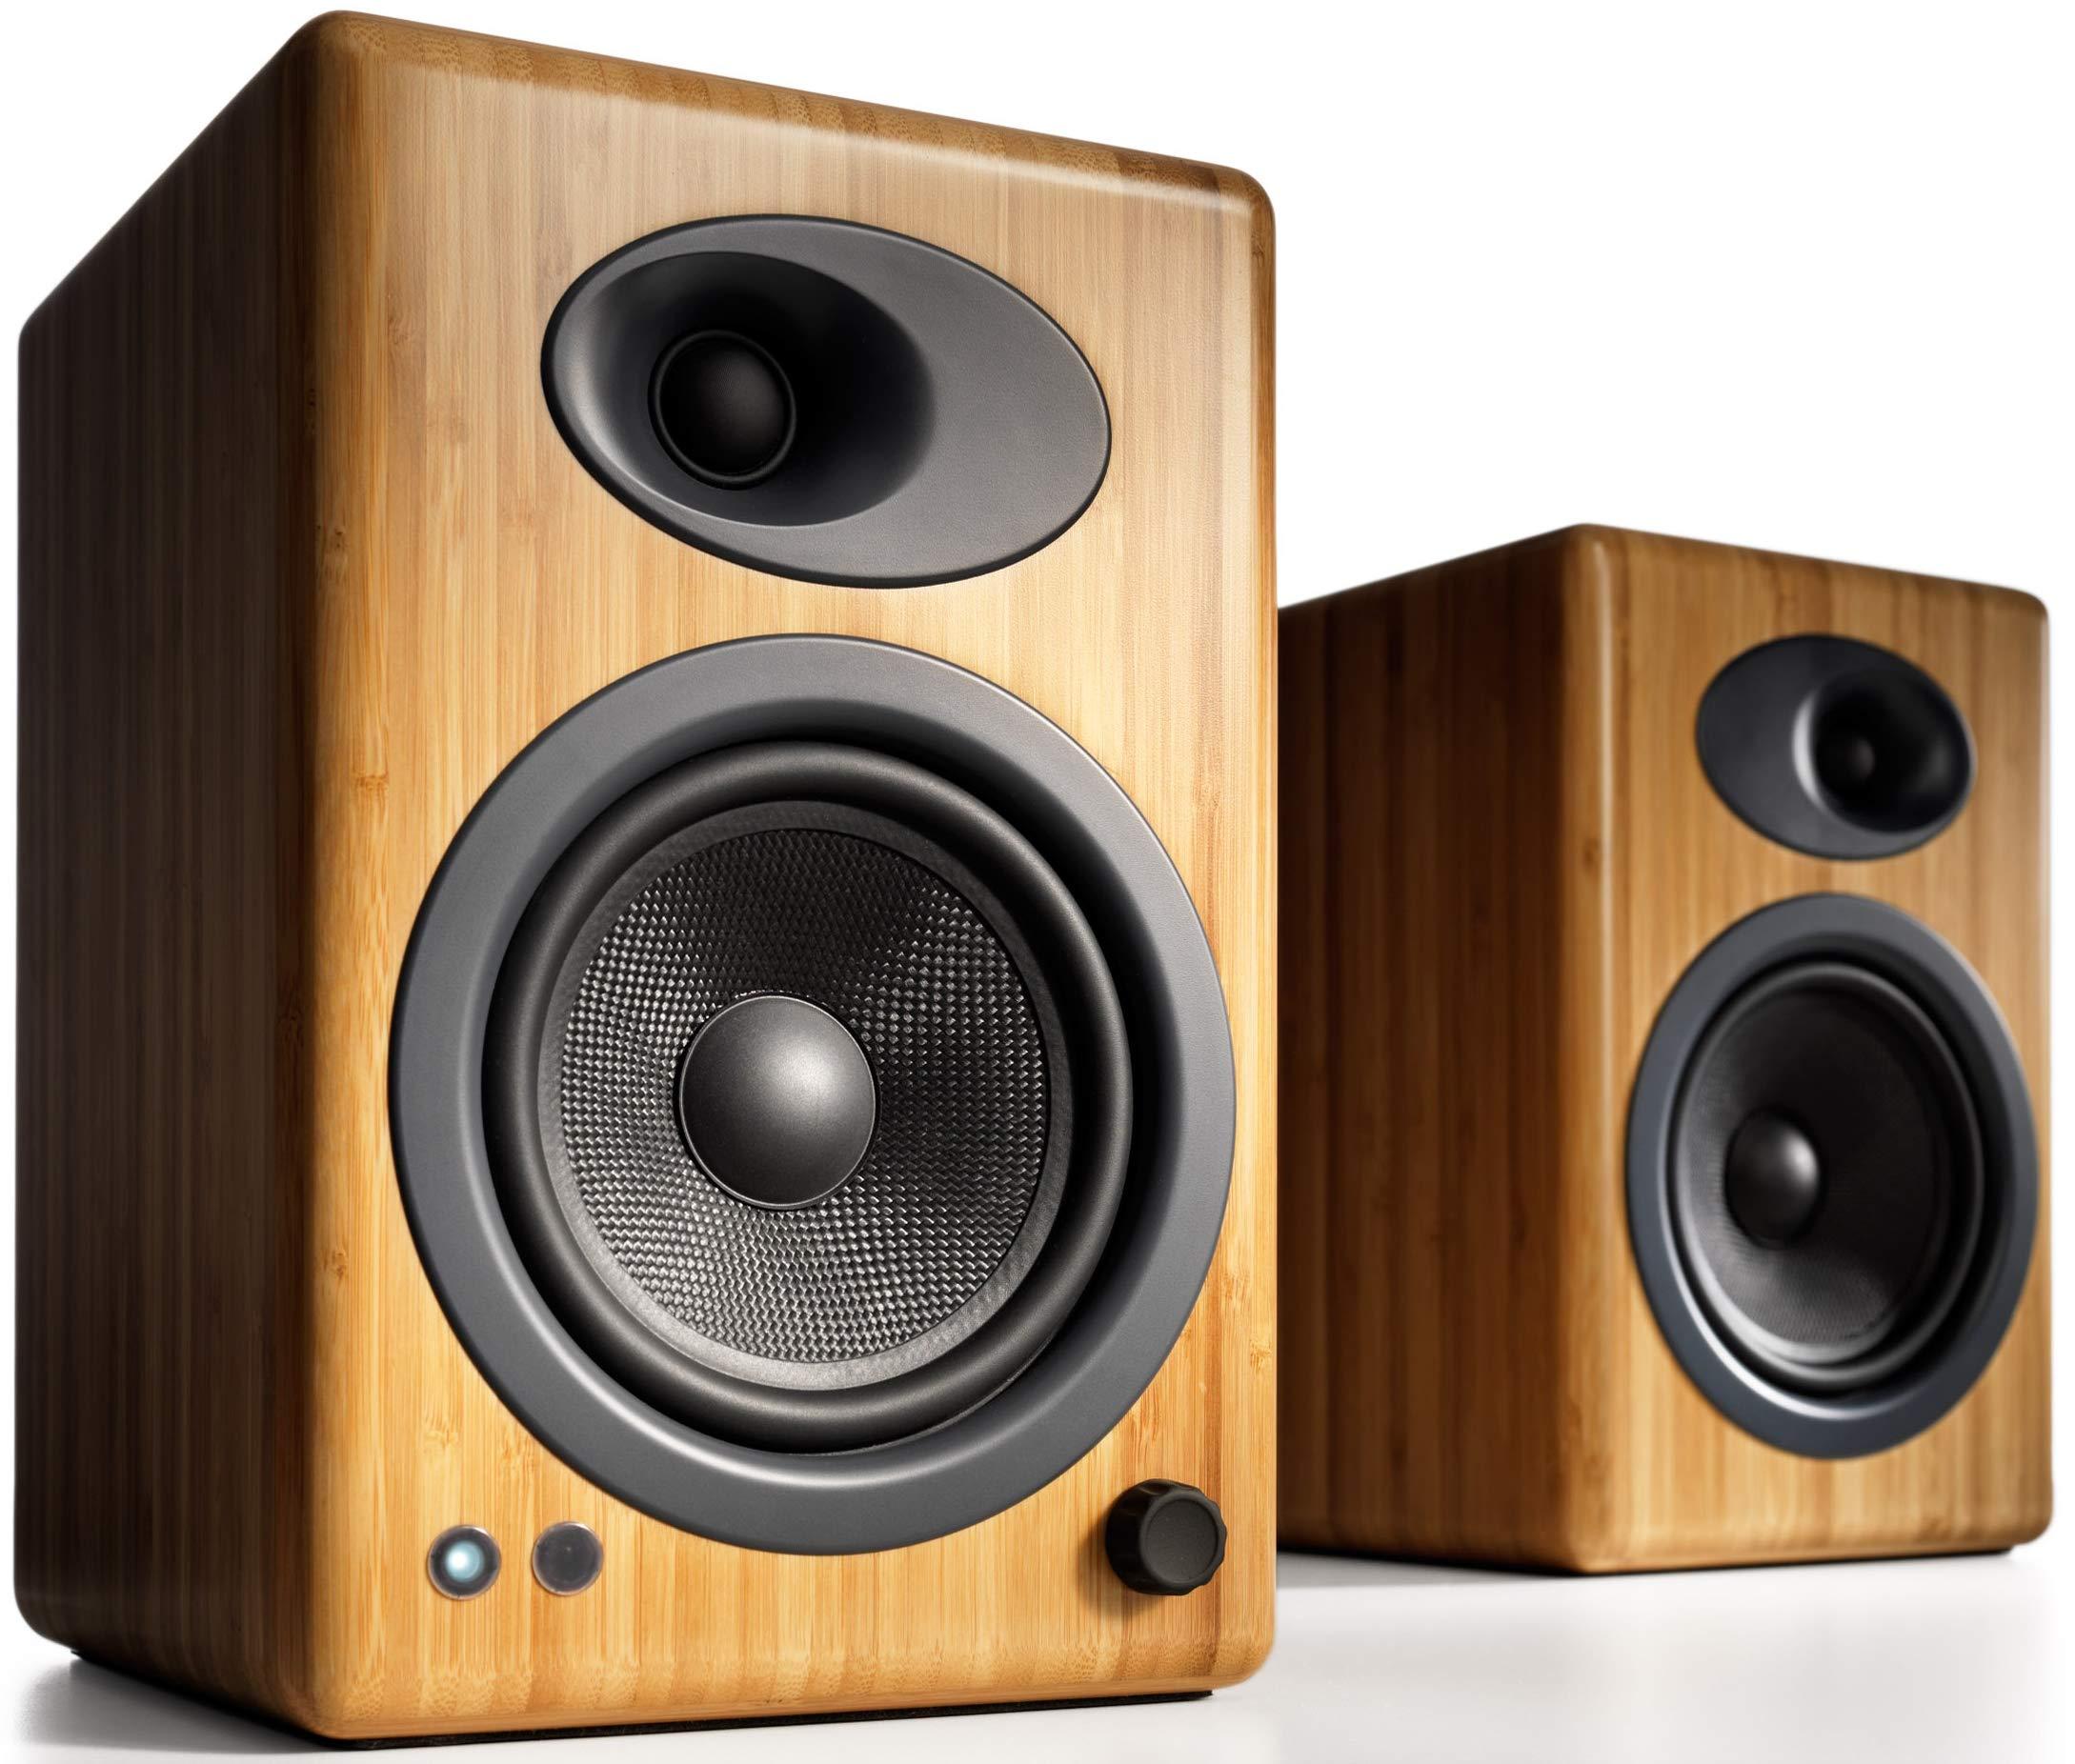 Audioengine Premium Powered Speaker Carbonized